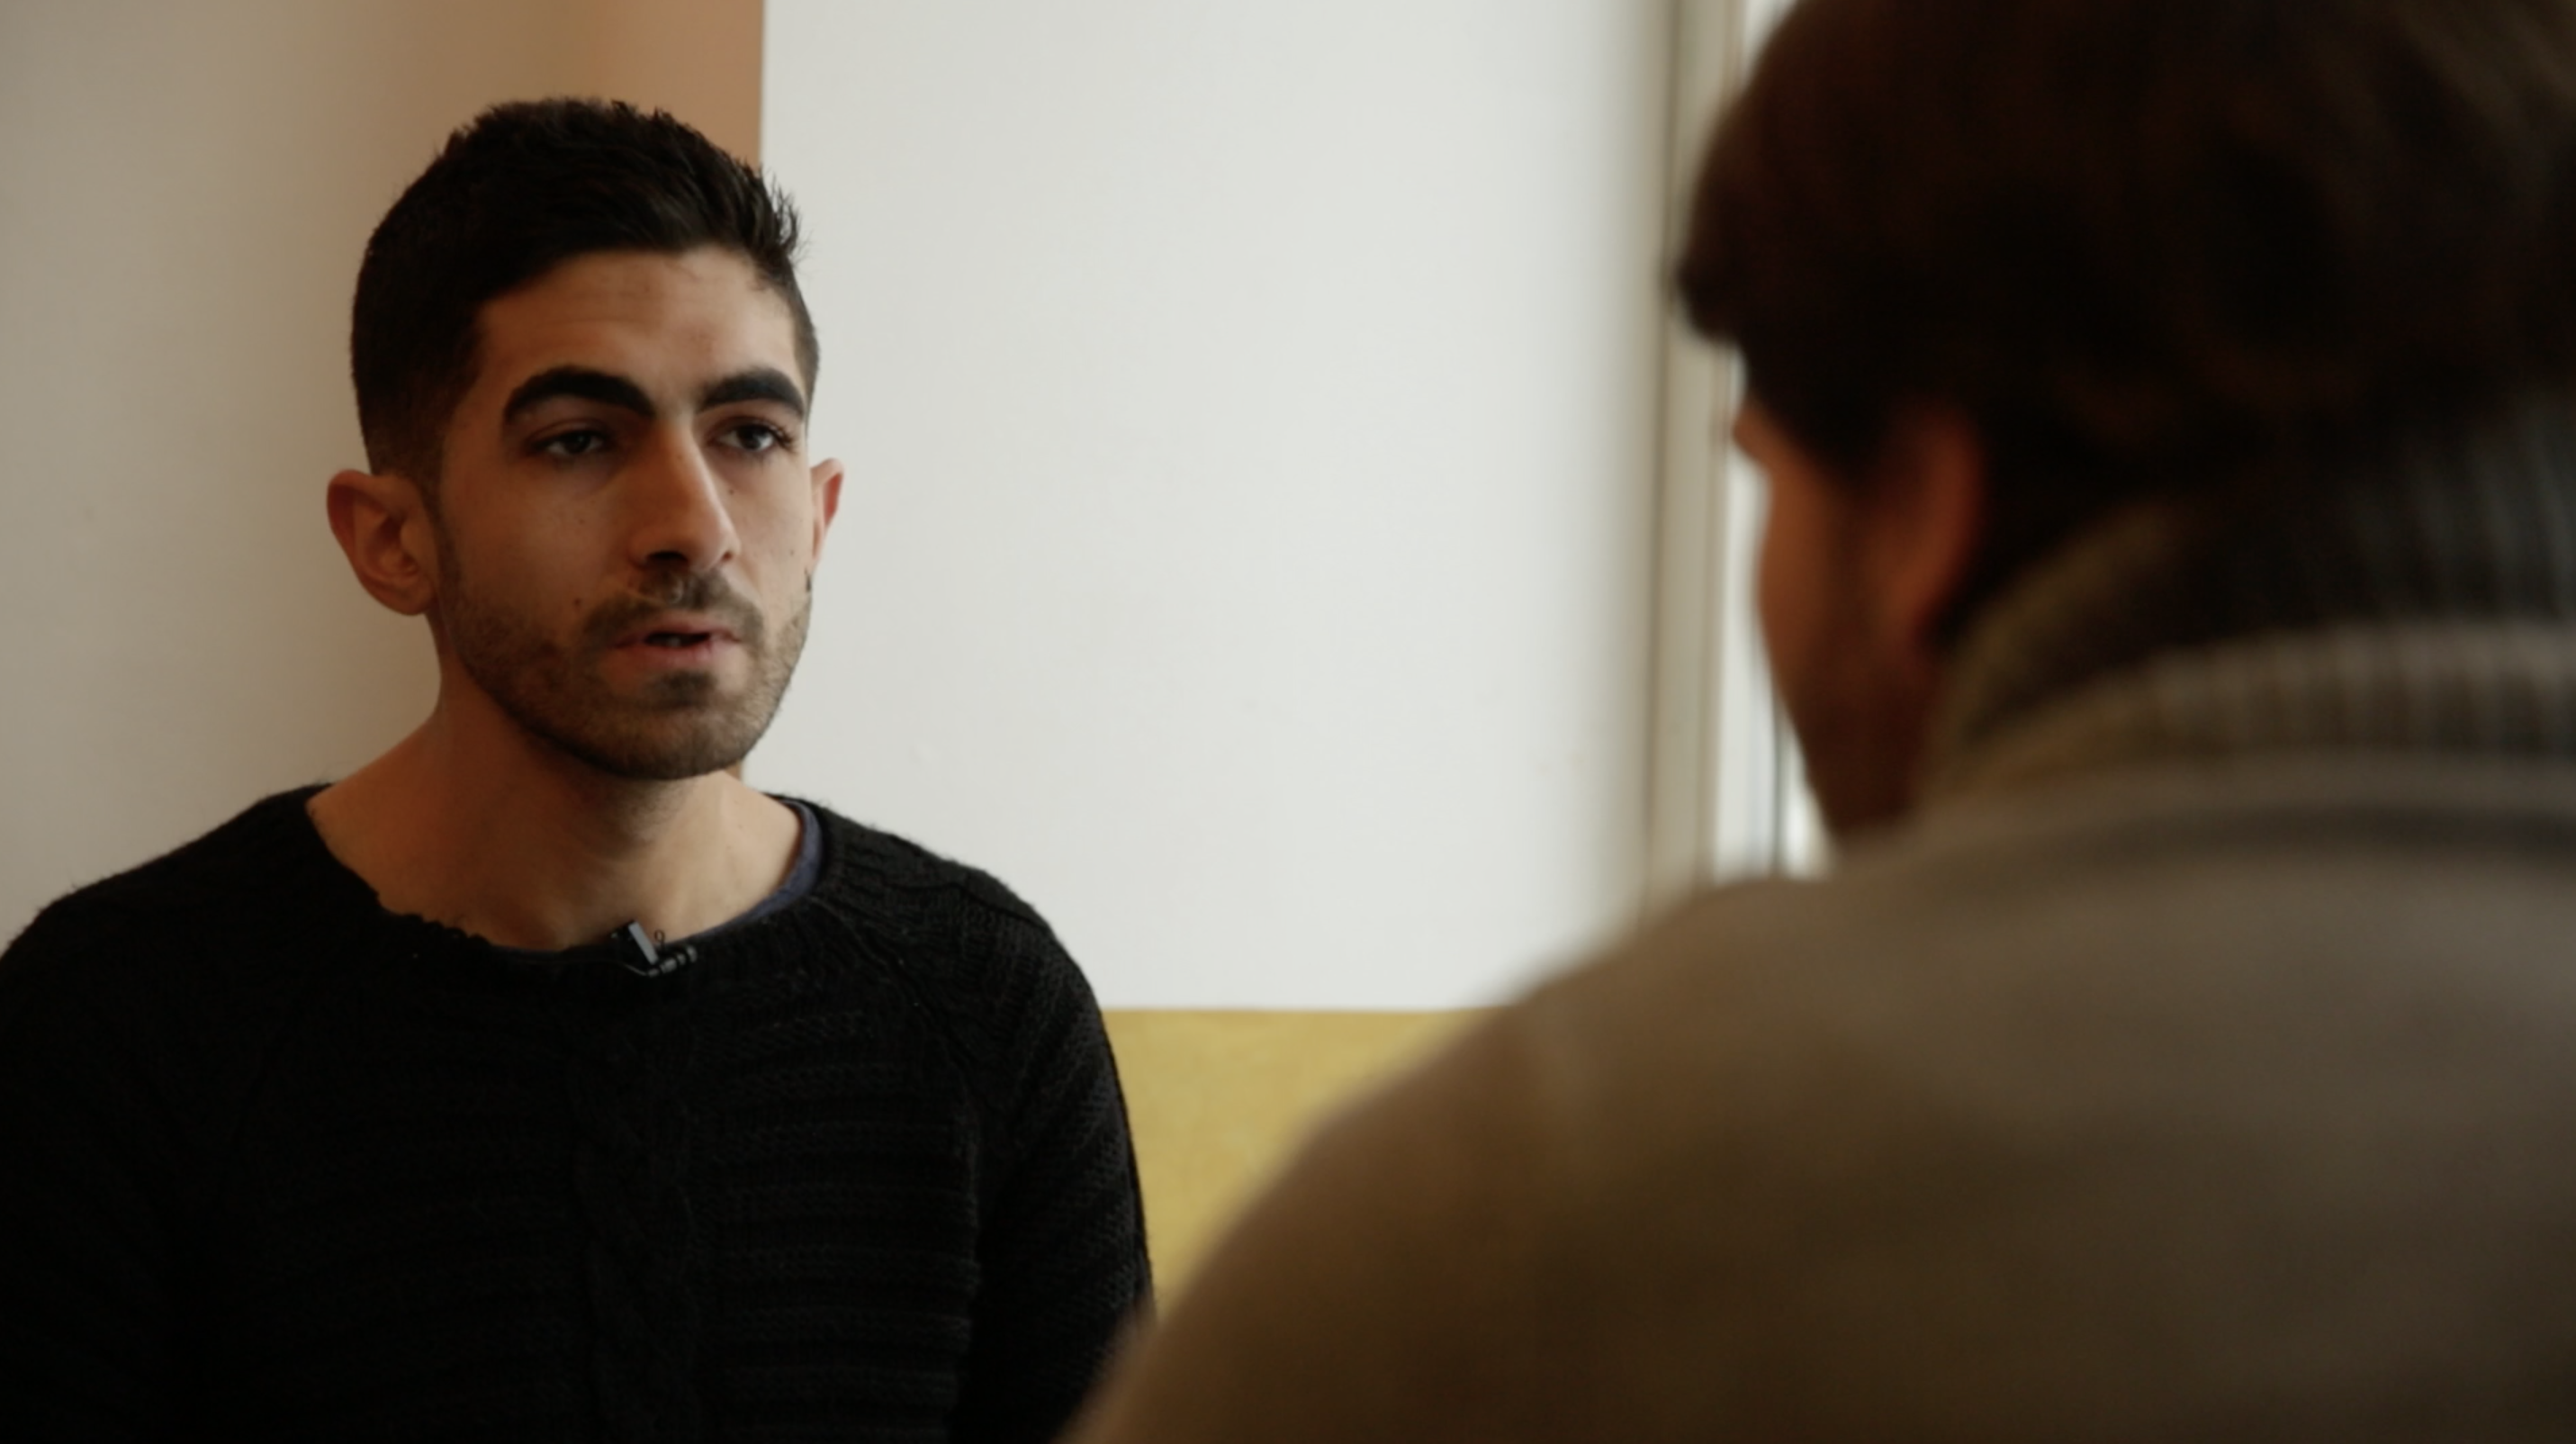 Ahmad, Hamburg, Messer, Attentat, Interview